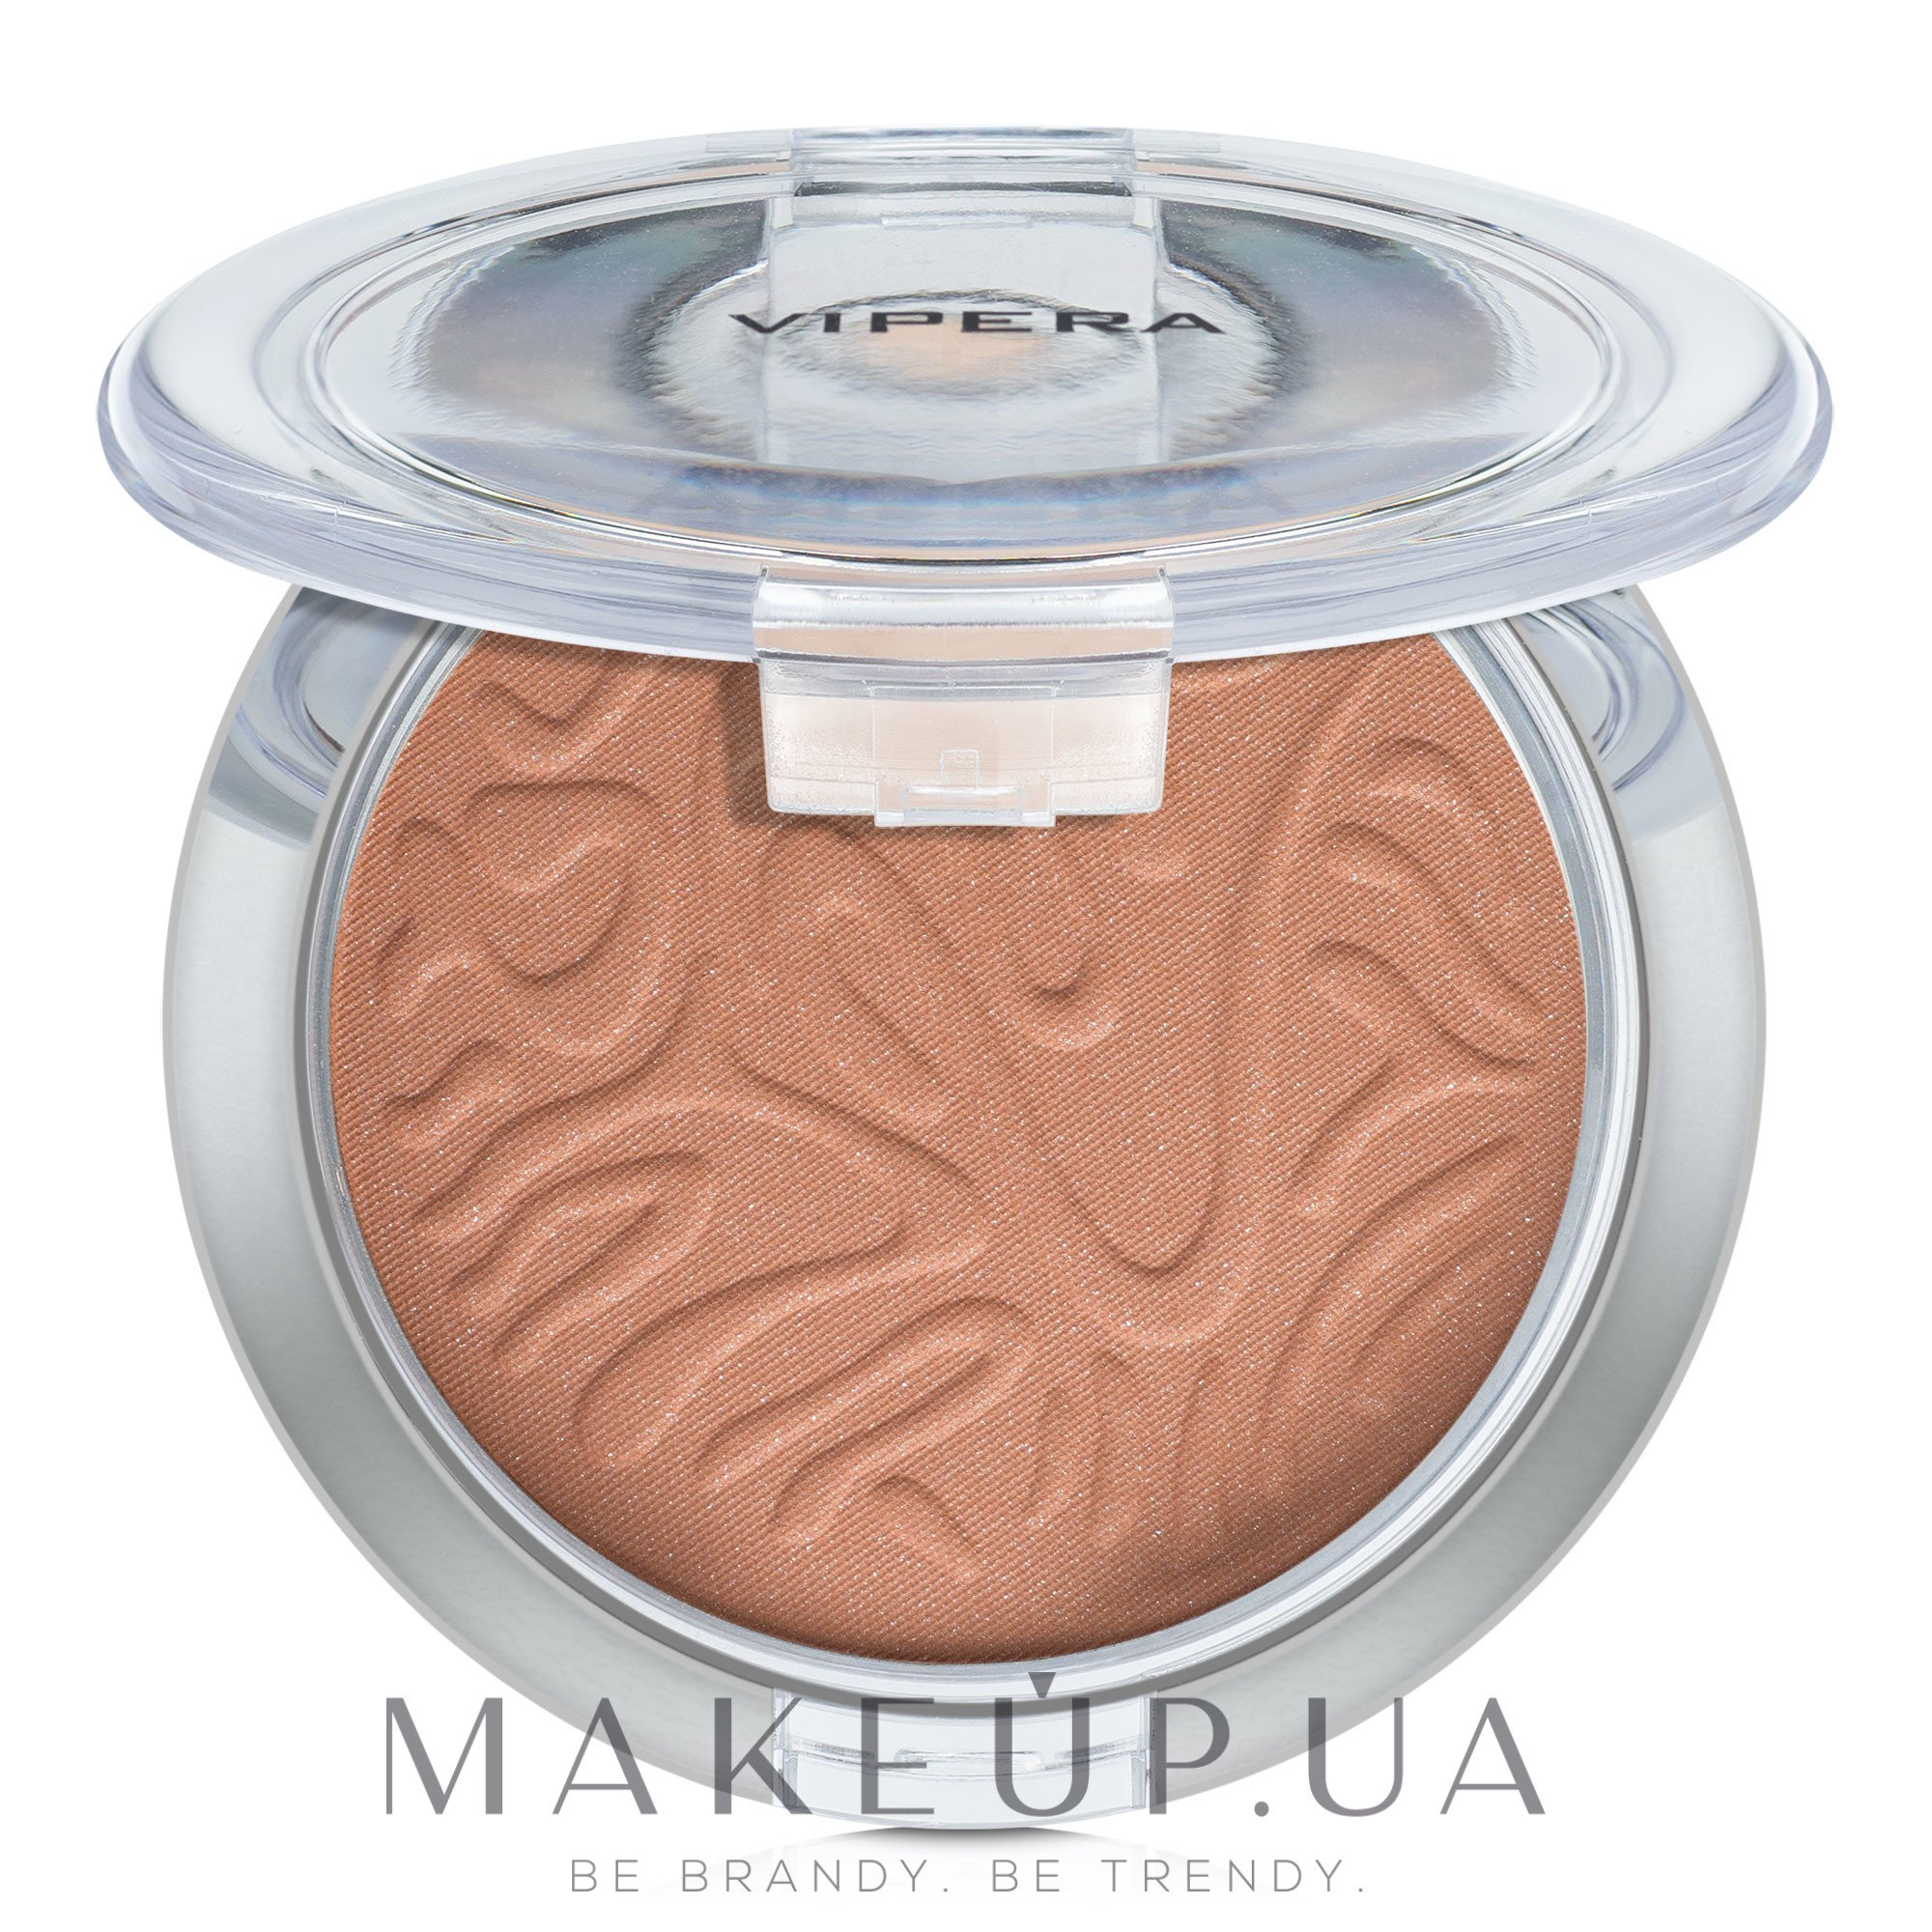 Пудра для будь-якого типу шкіри - Vipera Fashion Powder — фото 501 - Multifunctional Bronzing